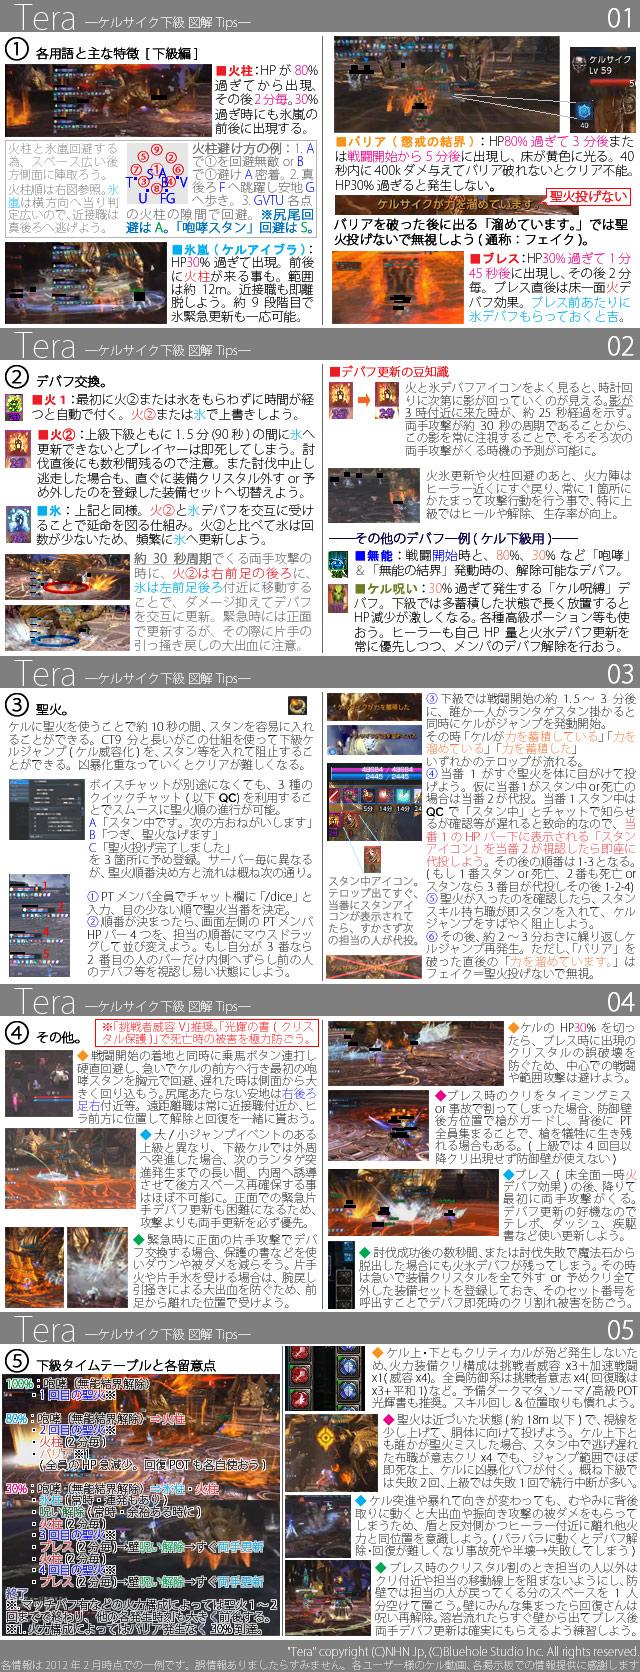 ケル下図解例-ForWiki02.jpg